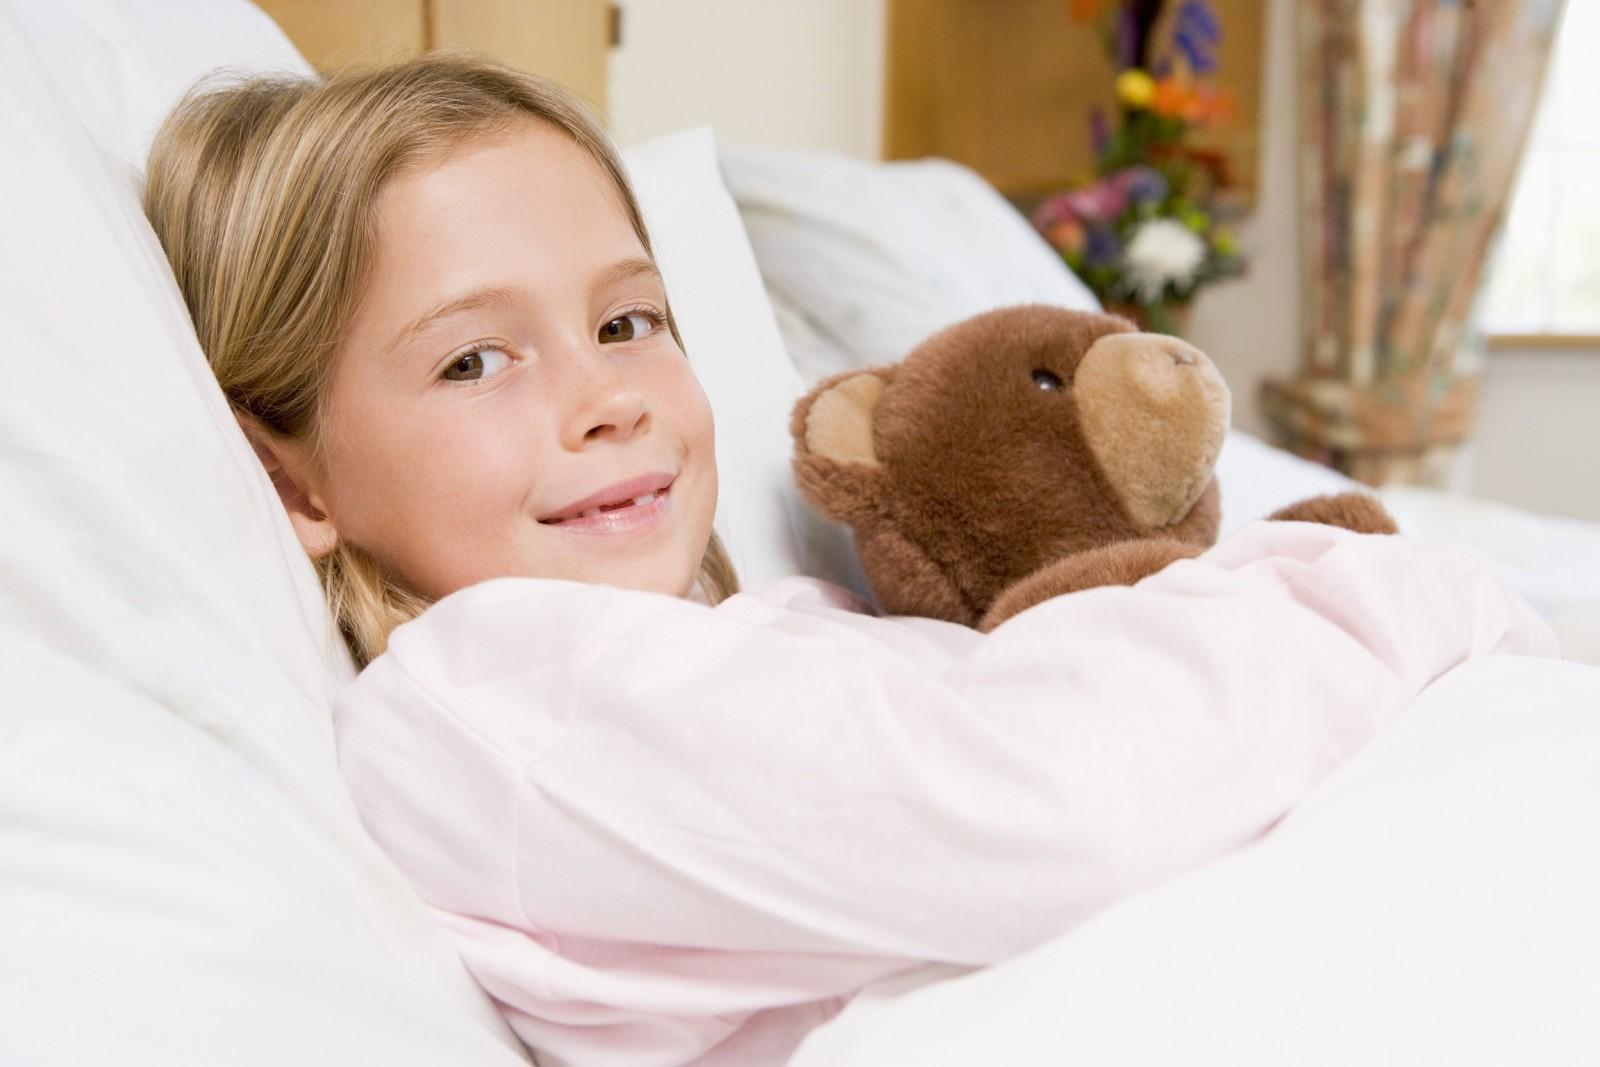 Эпилепсия – описание болезни, как проявляется и диагностируется, какой уход и лечение требует больной ребенок